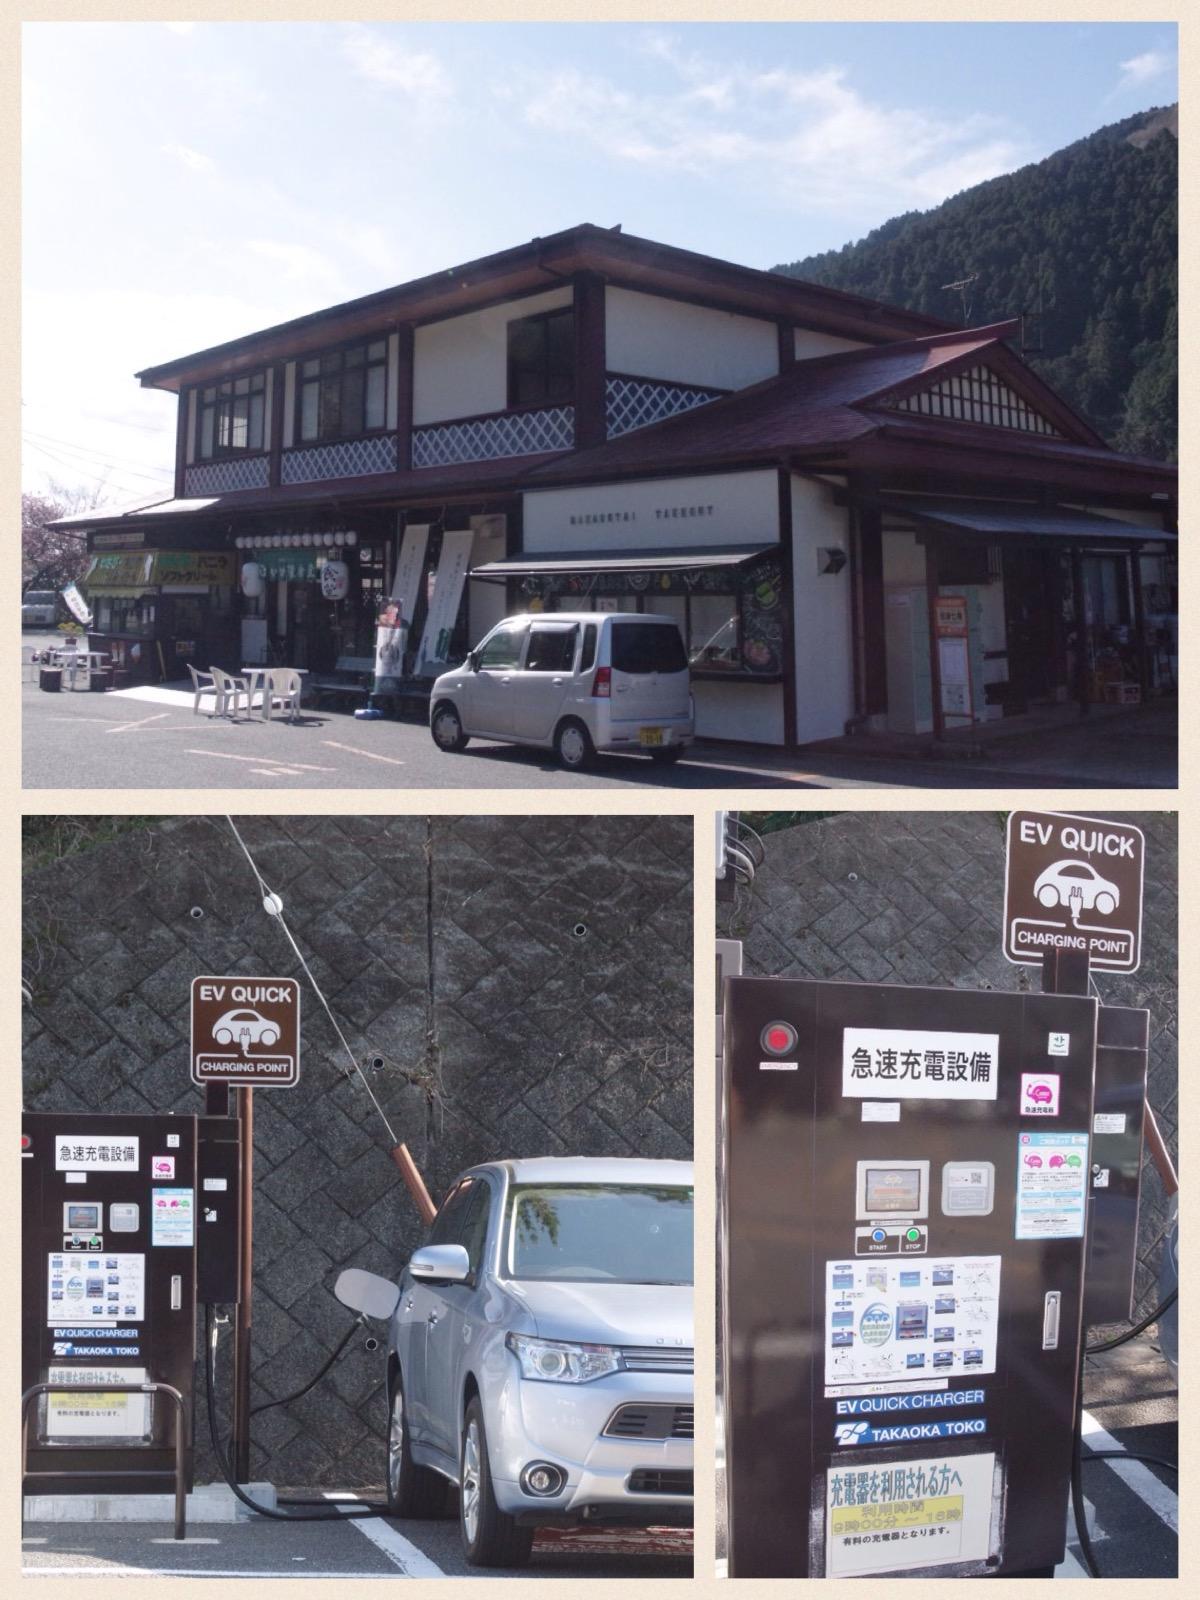 EV充電スポット 七滝観光協会 伊豆